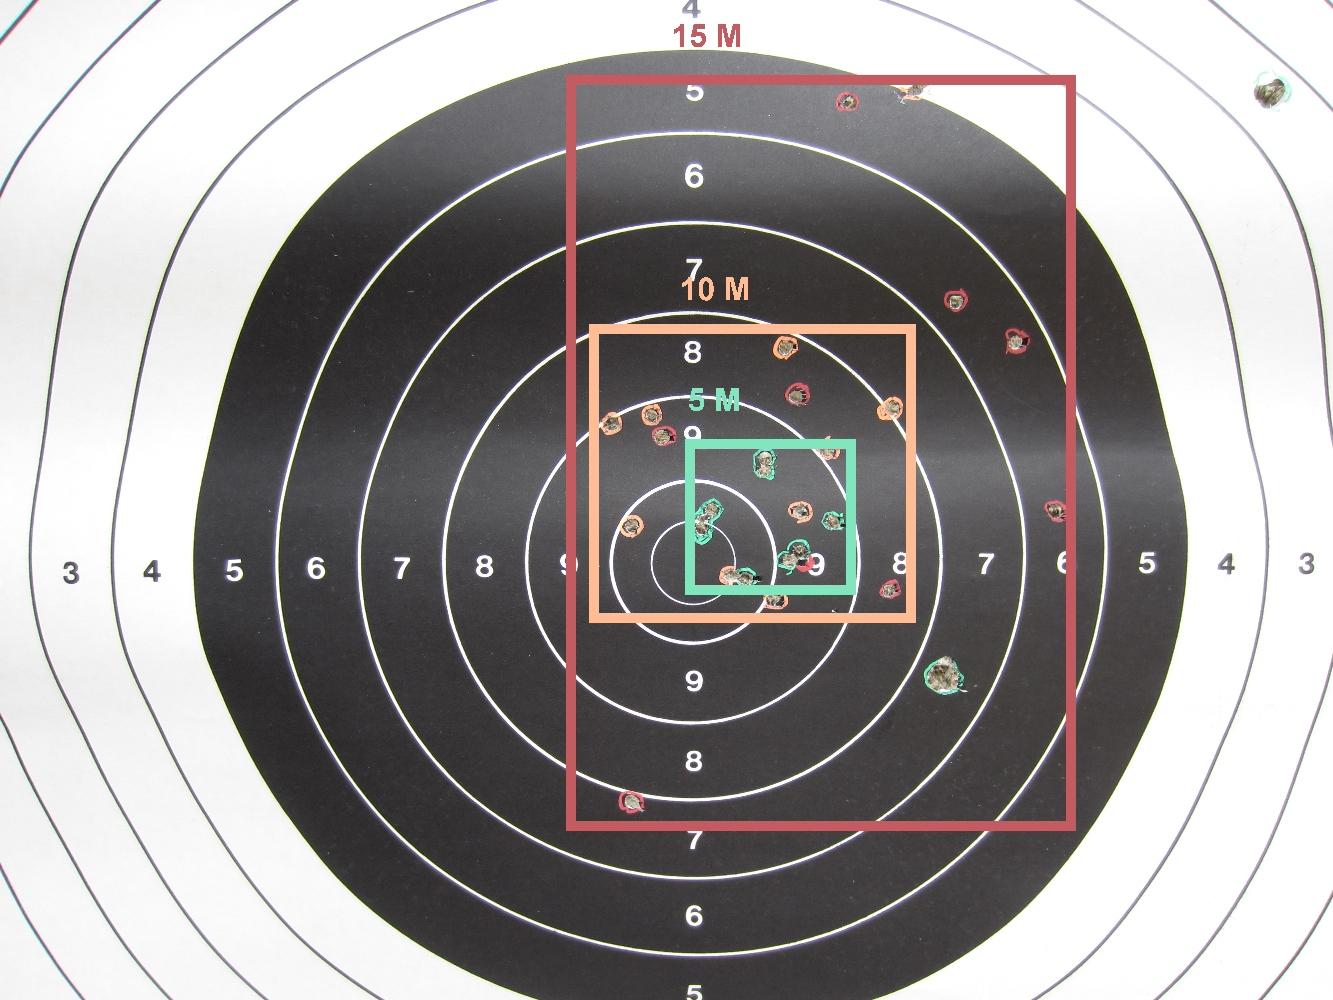 Le tir d'une cartouche Winchester à chevrotine 9 grains sur une cible C300 aux distances respectives de 5, 10 et 15 mètres permet de constater que la dispersion des impacts, qui suit une logique implacable lors des deux premiers tirs (10 cm à 5 m ; 20 cm à 10 m), augmente de façon exponentielle à partir du troisième (50 cm à 15 m).